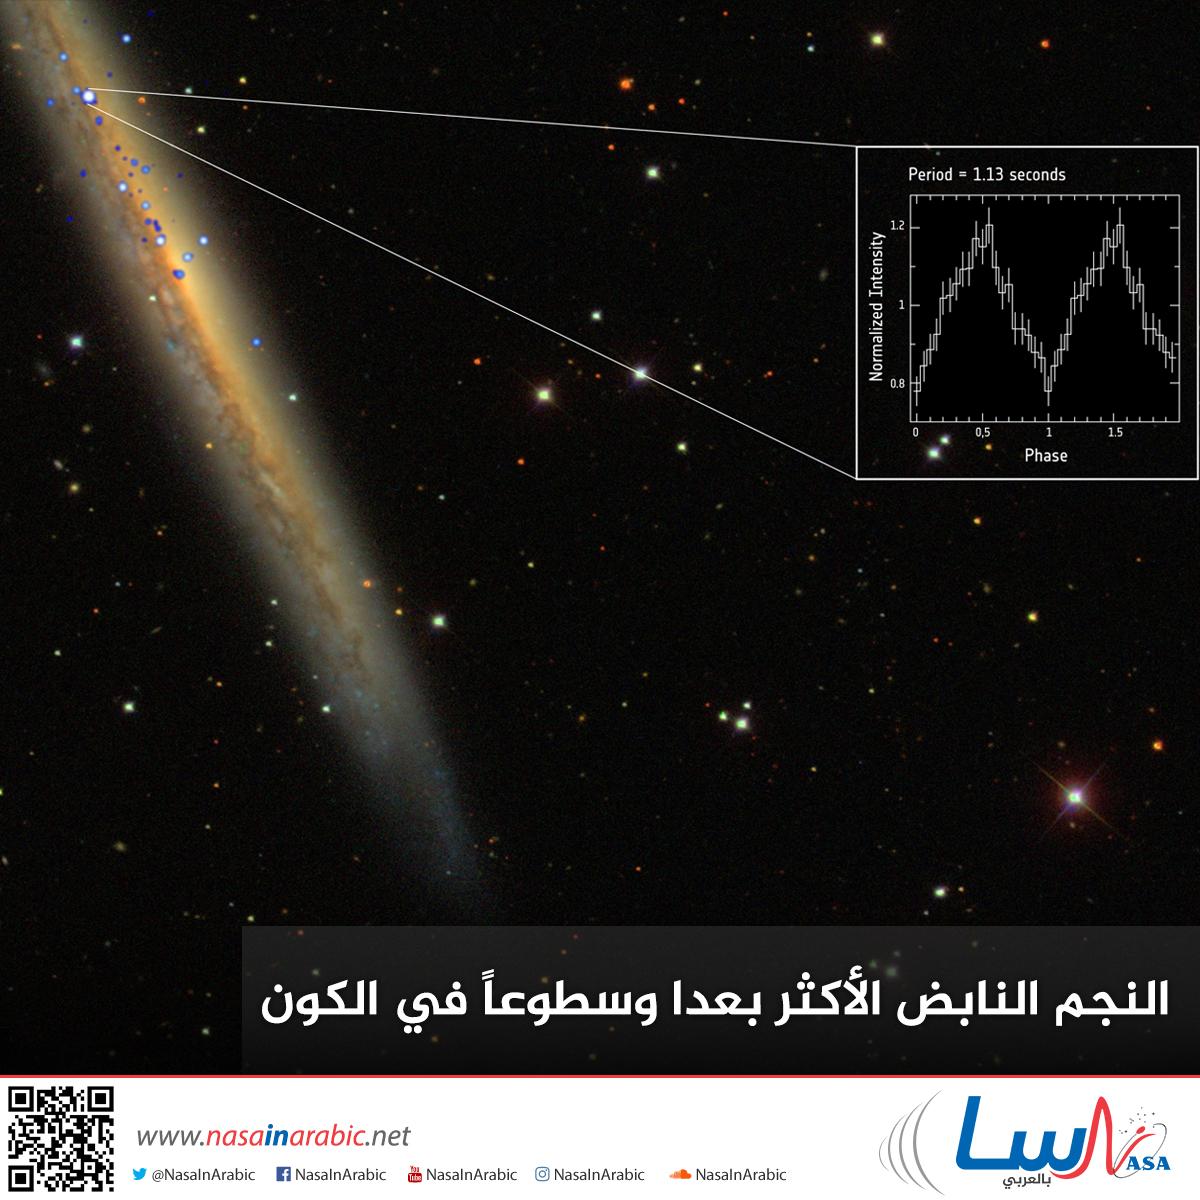 النجم النابض الأكثر بعدا وسطوعاً في الكون